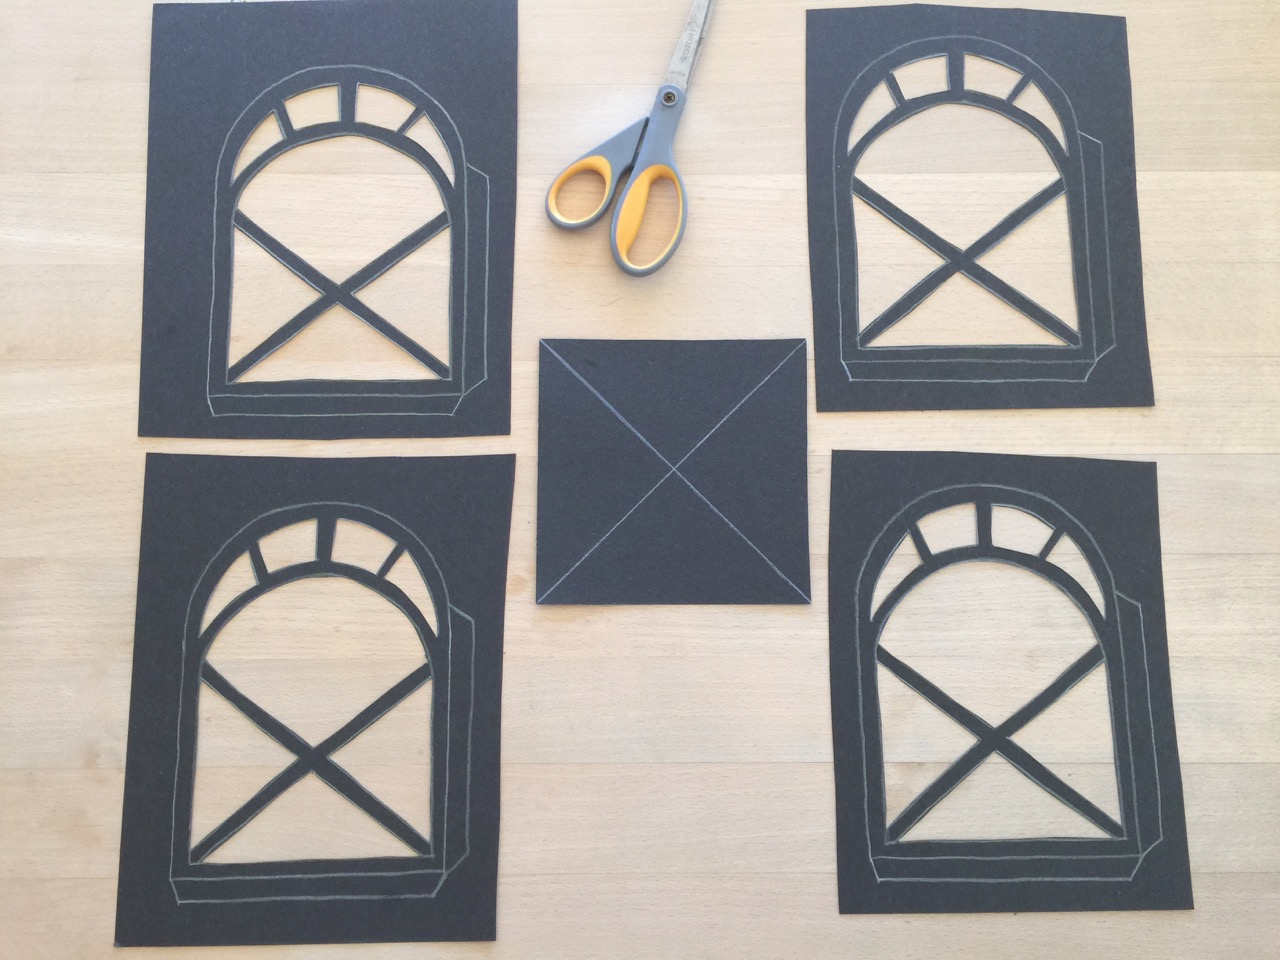 laterne basteln ein kerzenschein f r festliche stimmung zum selbermachen bastelideen deko. Black Bedroom Furniture Sets. Home Design Ideas